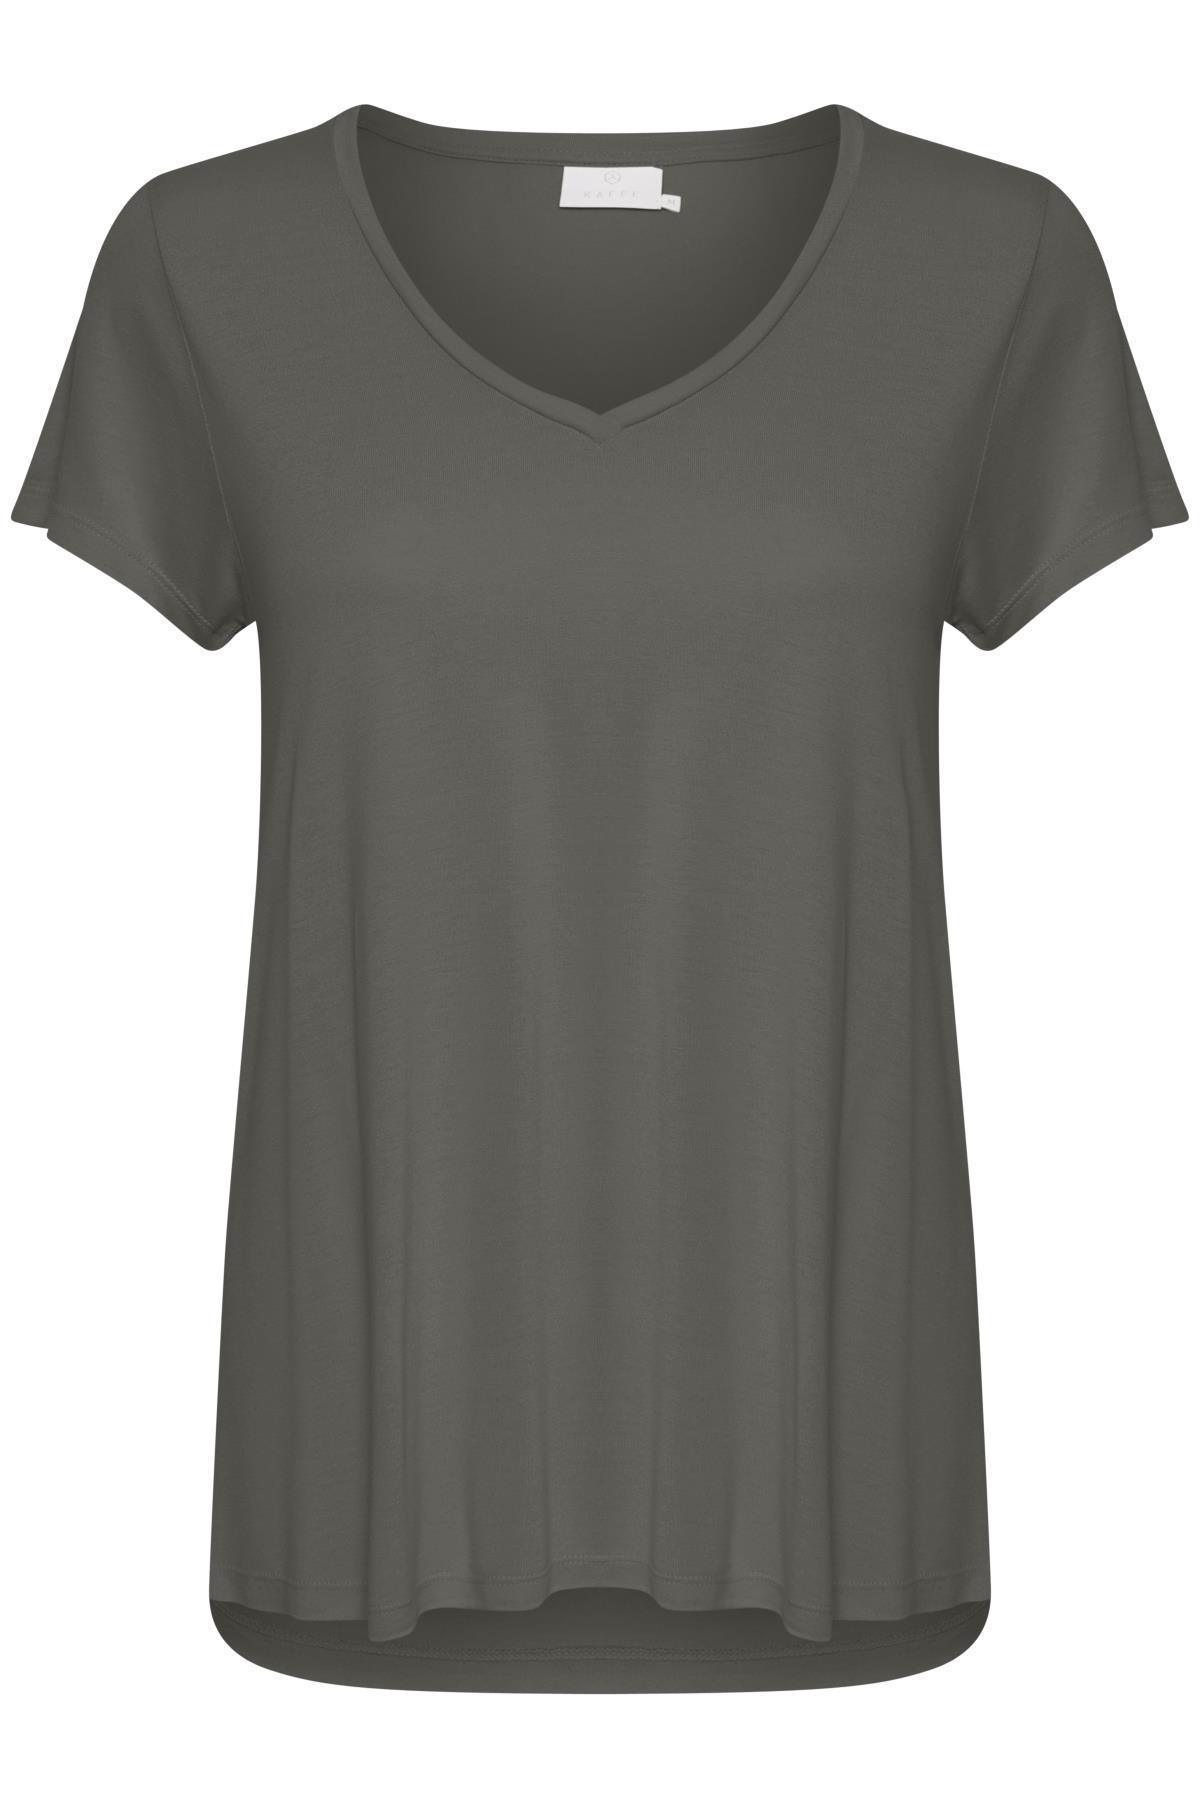 Dunkelgrau meliert Kurzarm T-Shirt von Kaffe – Shoppen Sie Dunkelgrau meliert Kurzarm T-Shirt ab Gr. XS-XXL hier